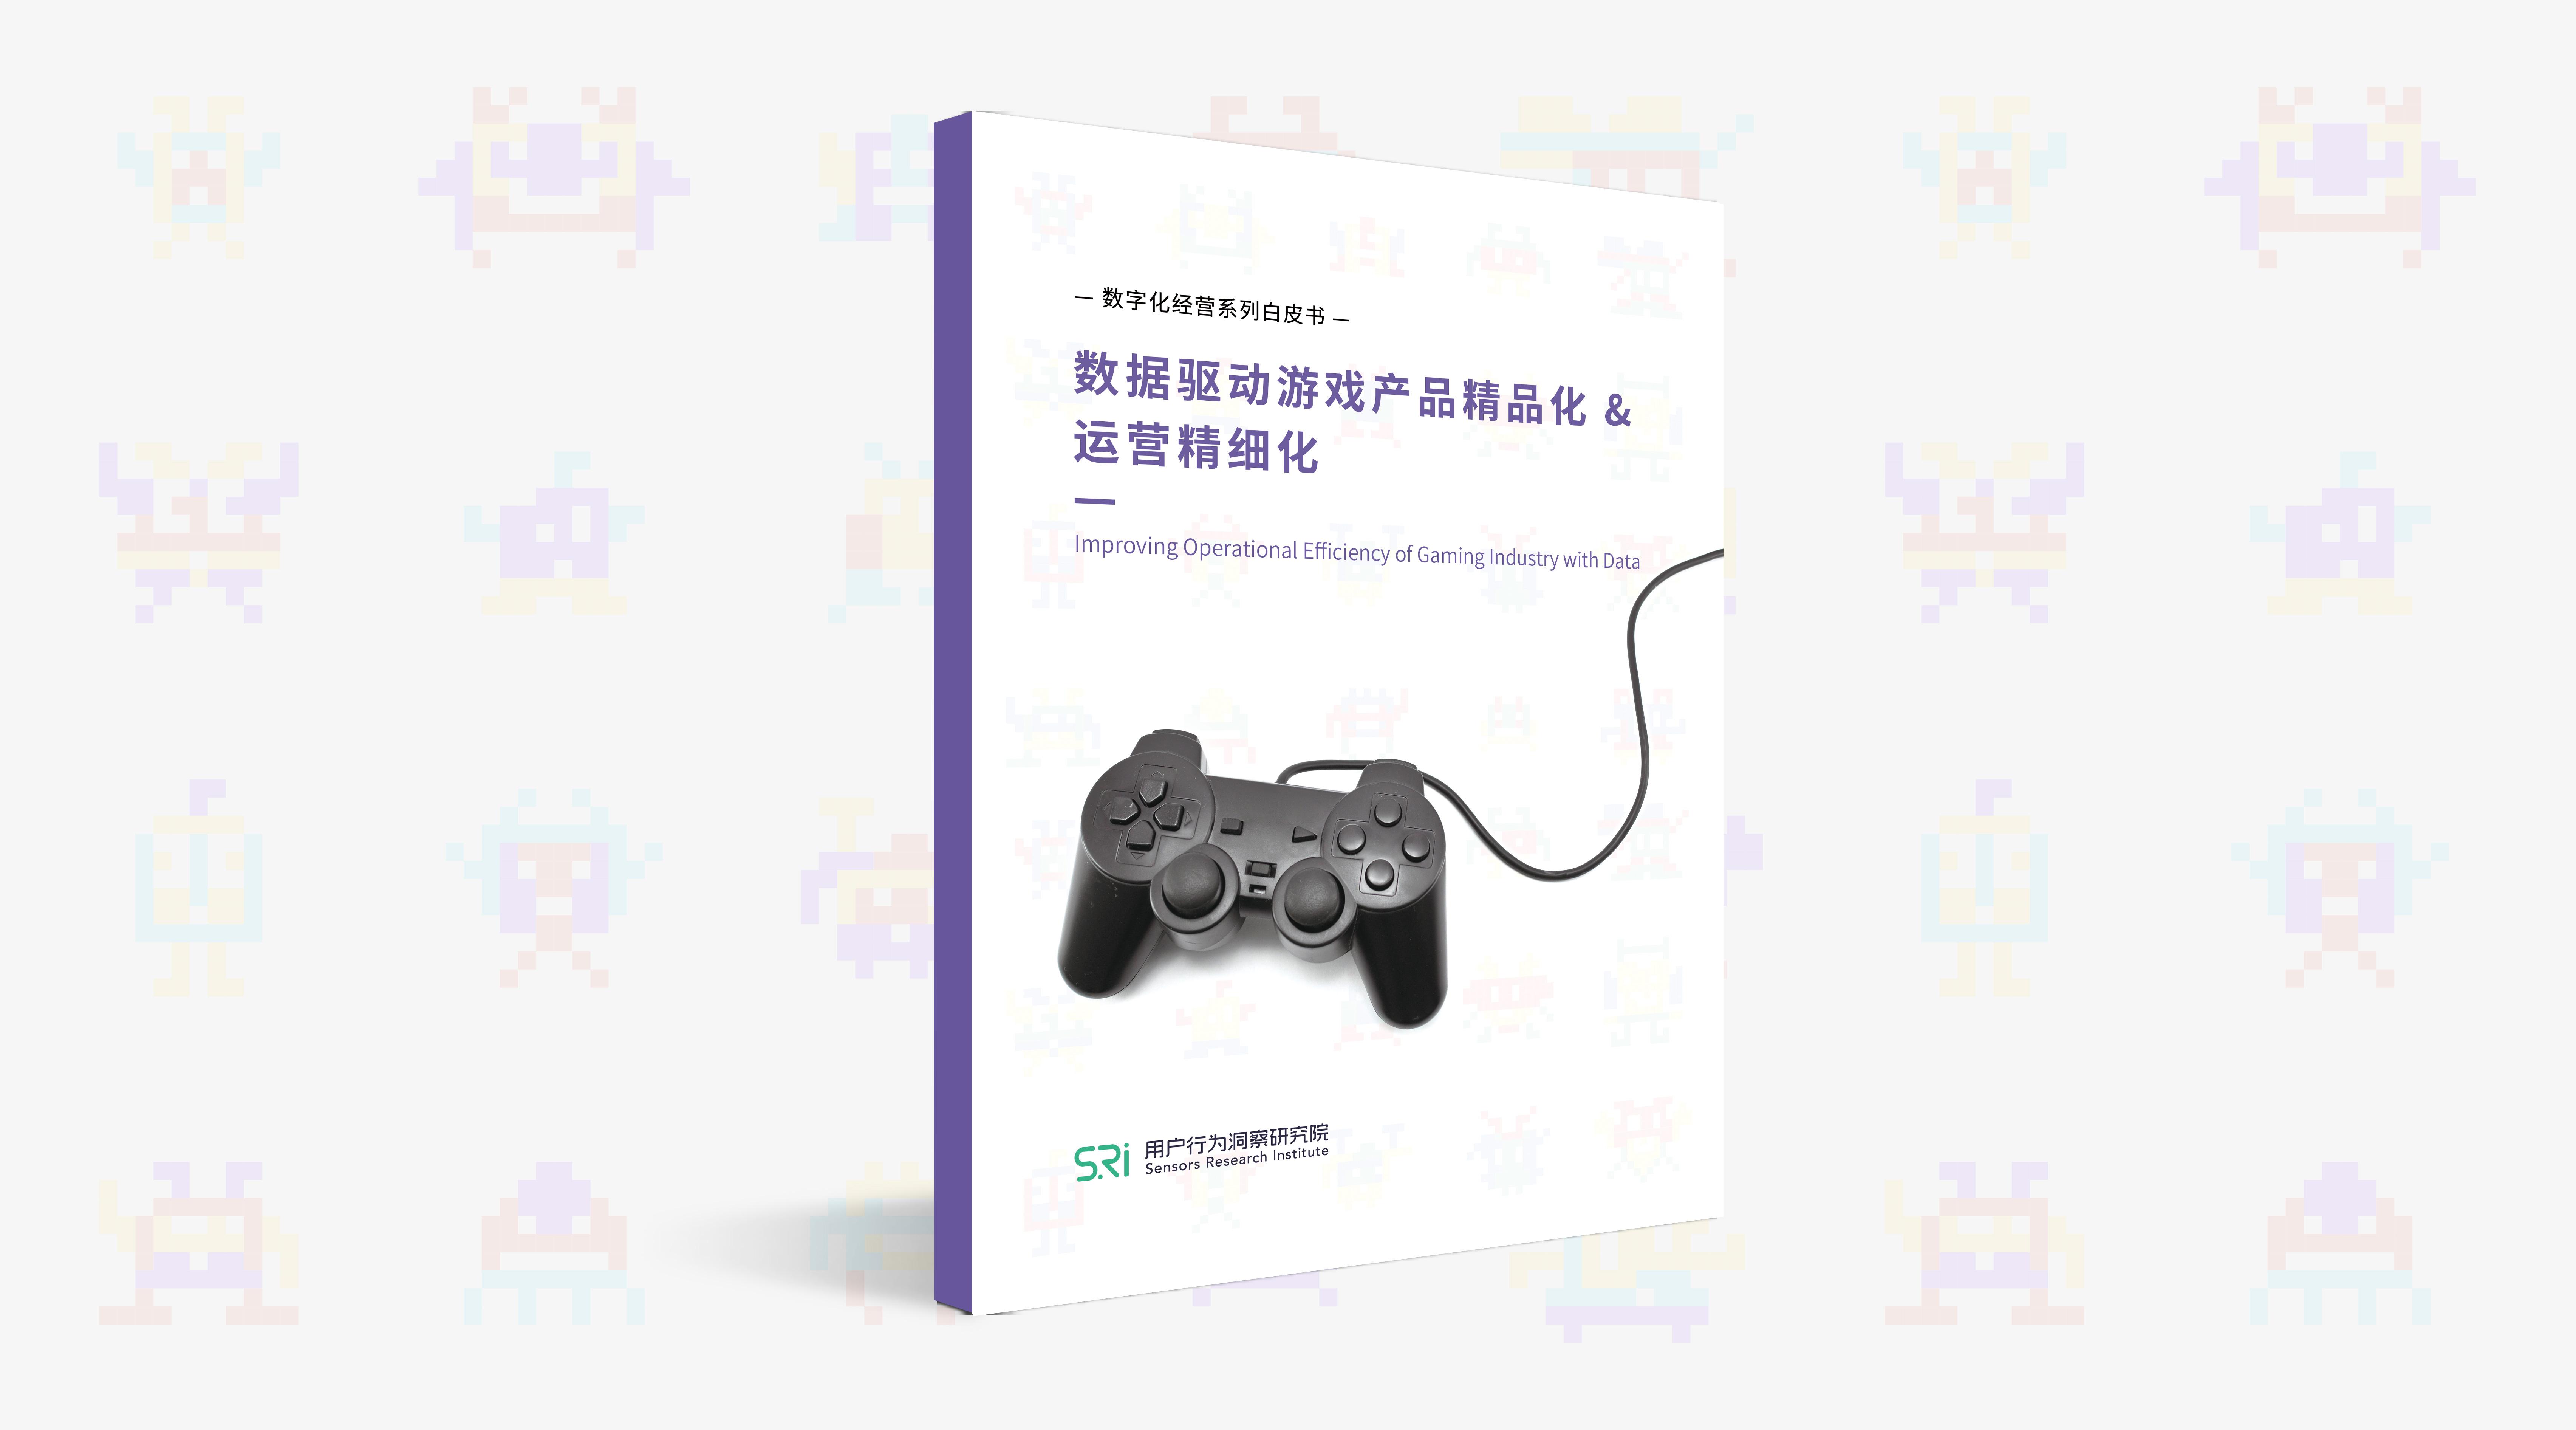 e2eee3fbc551f8df1465cf7d9010b6c3.pdf